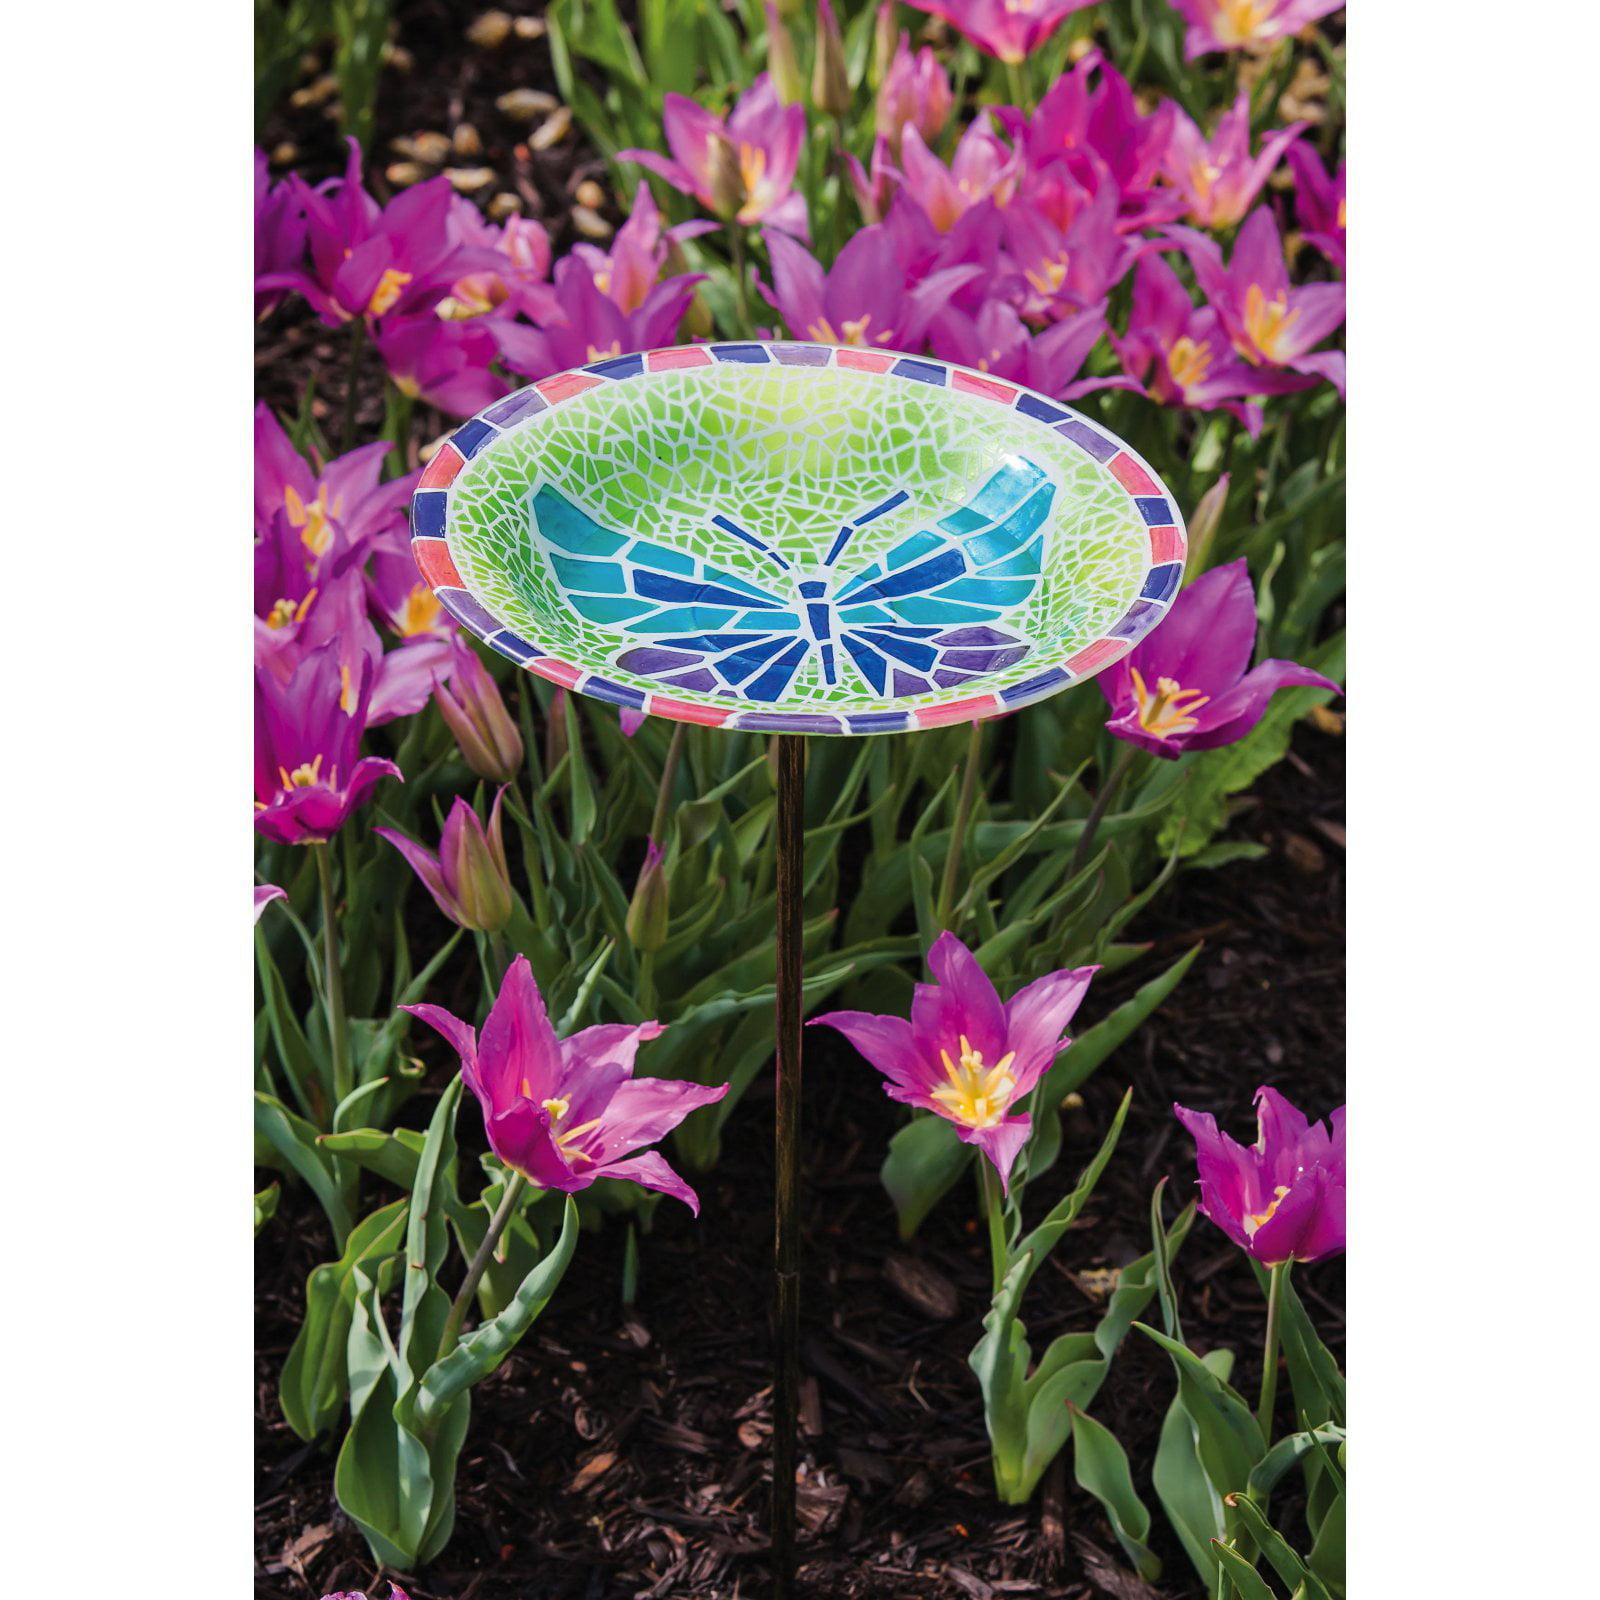 Evergreen Enterprises Vibrant Butterfly Birdbath with 3 Prong Stake by EVERGREEN ENTERPRISES